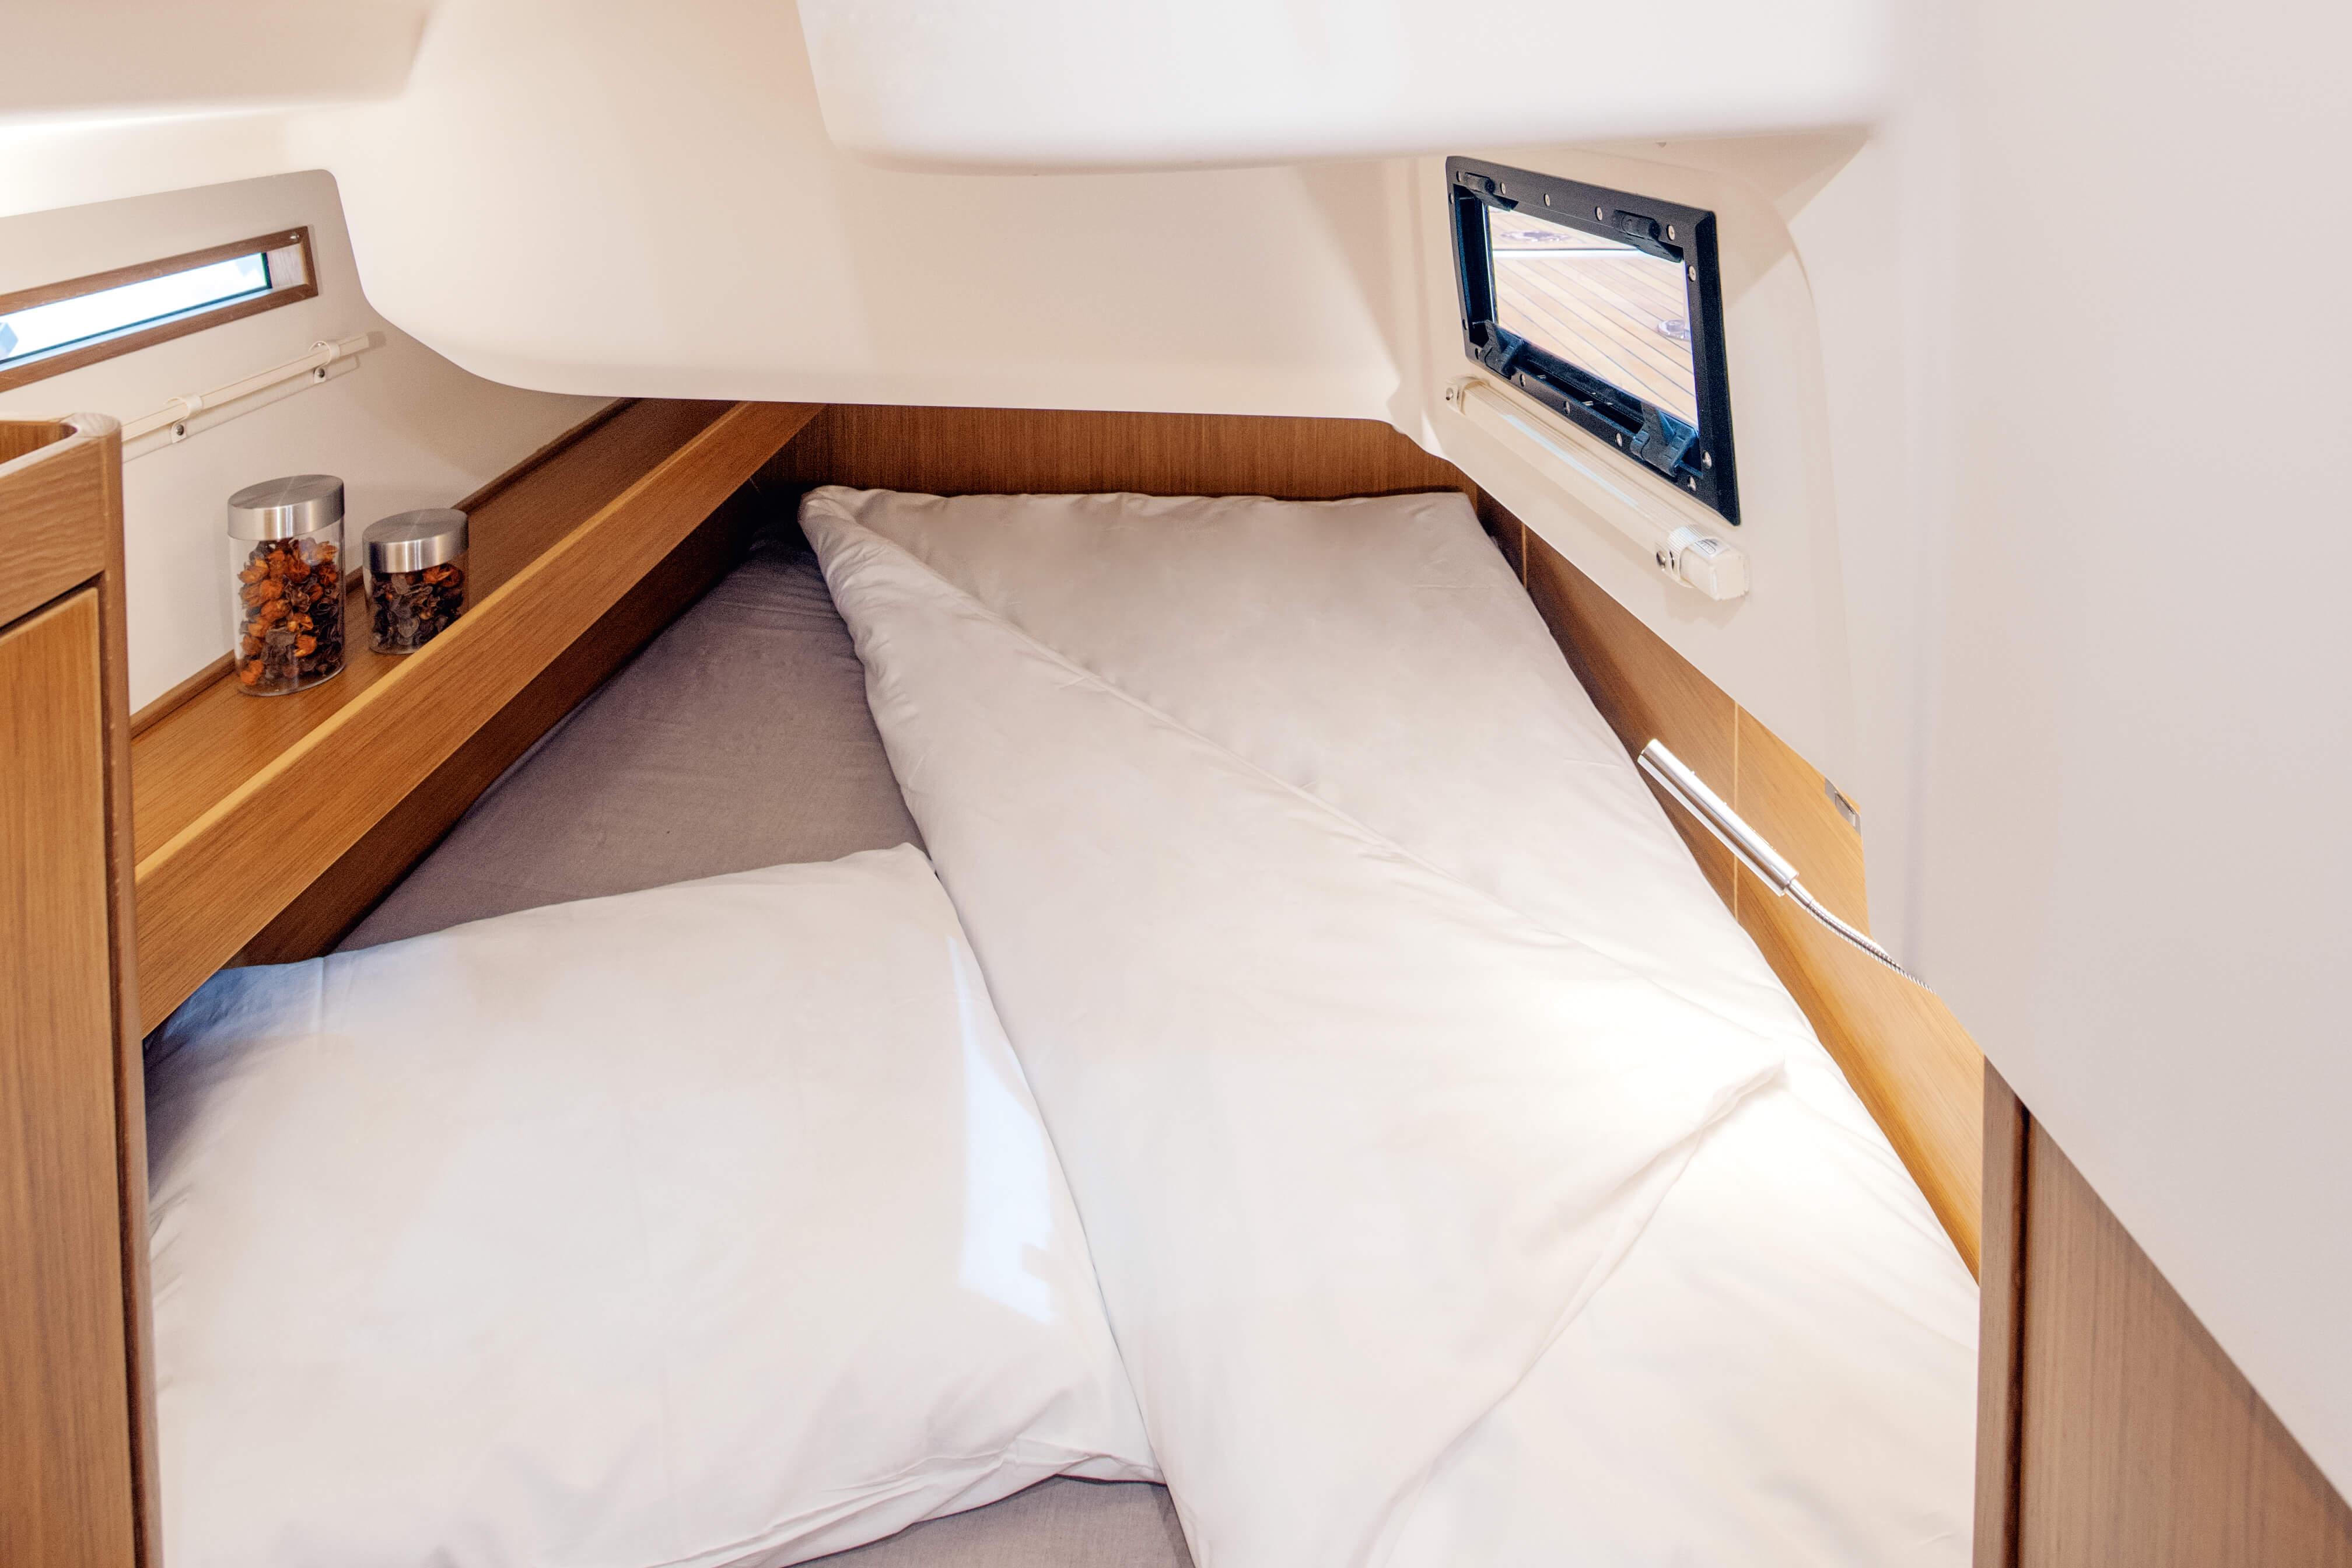 Dehler 42 Interior view aft cabin | bed, window, storage compartment, shelf | Dehler